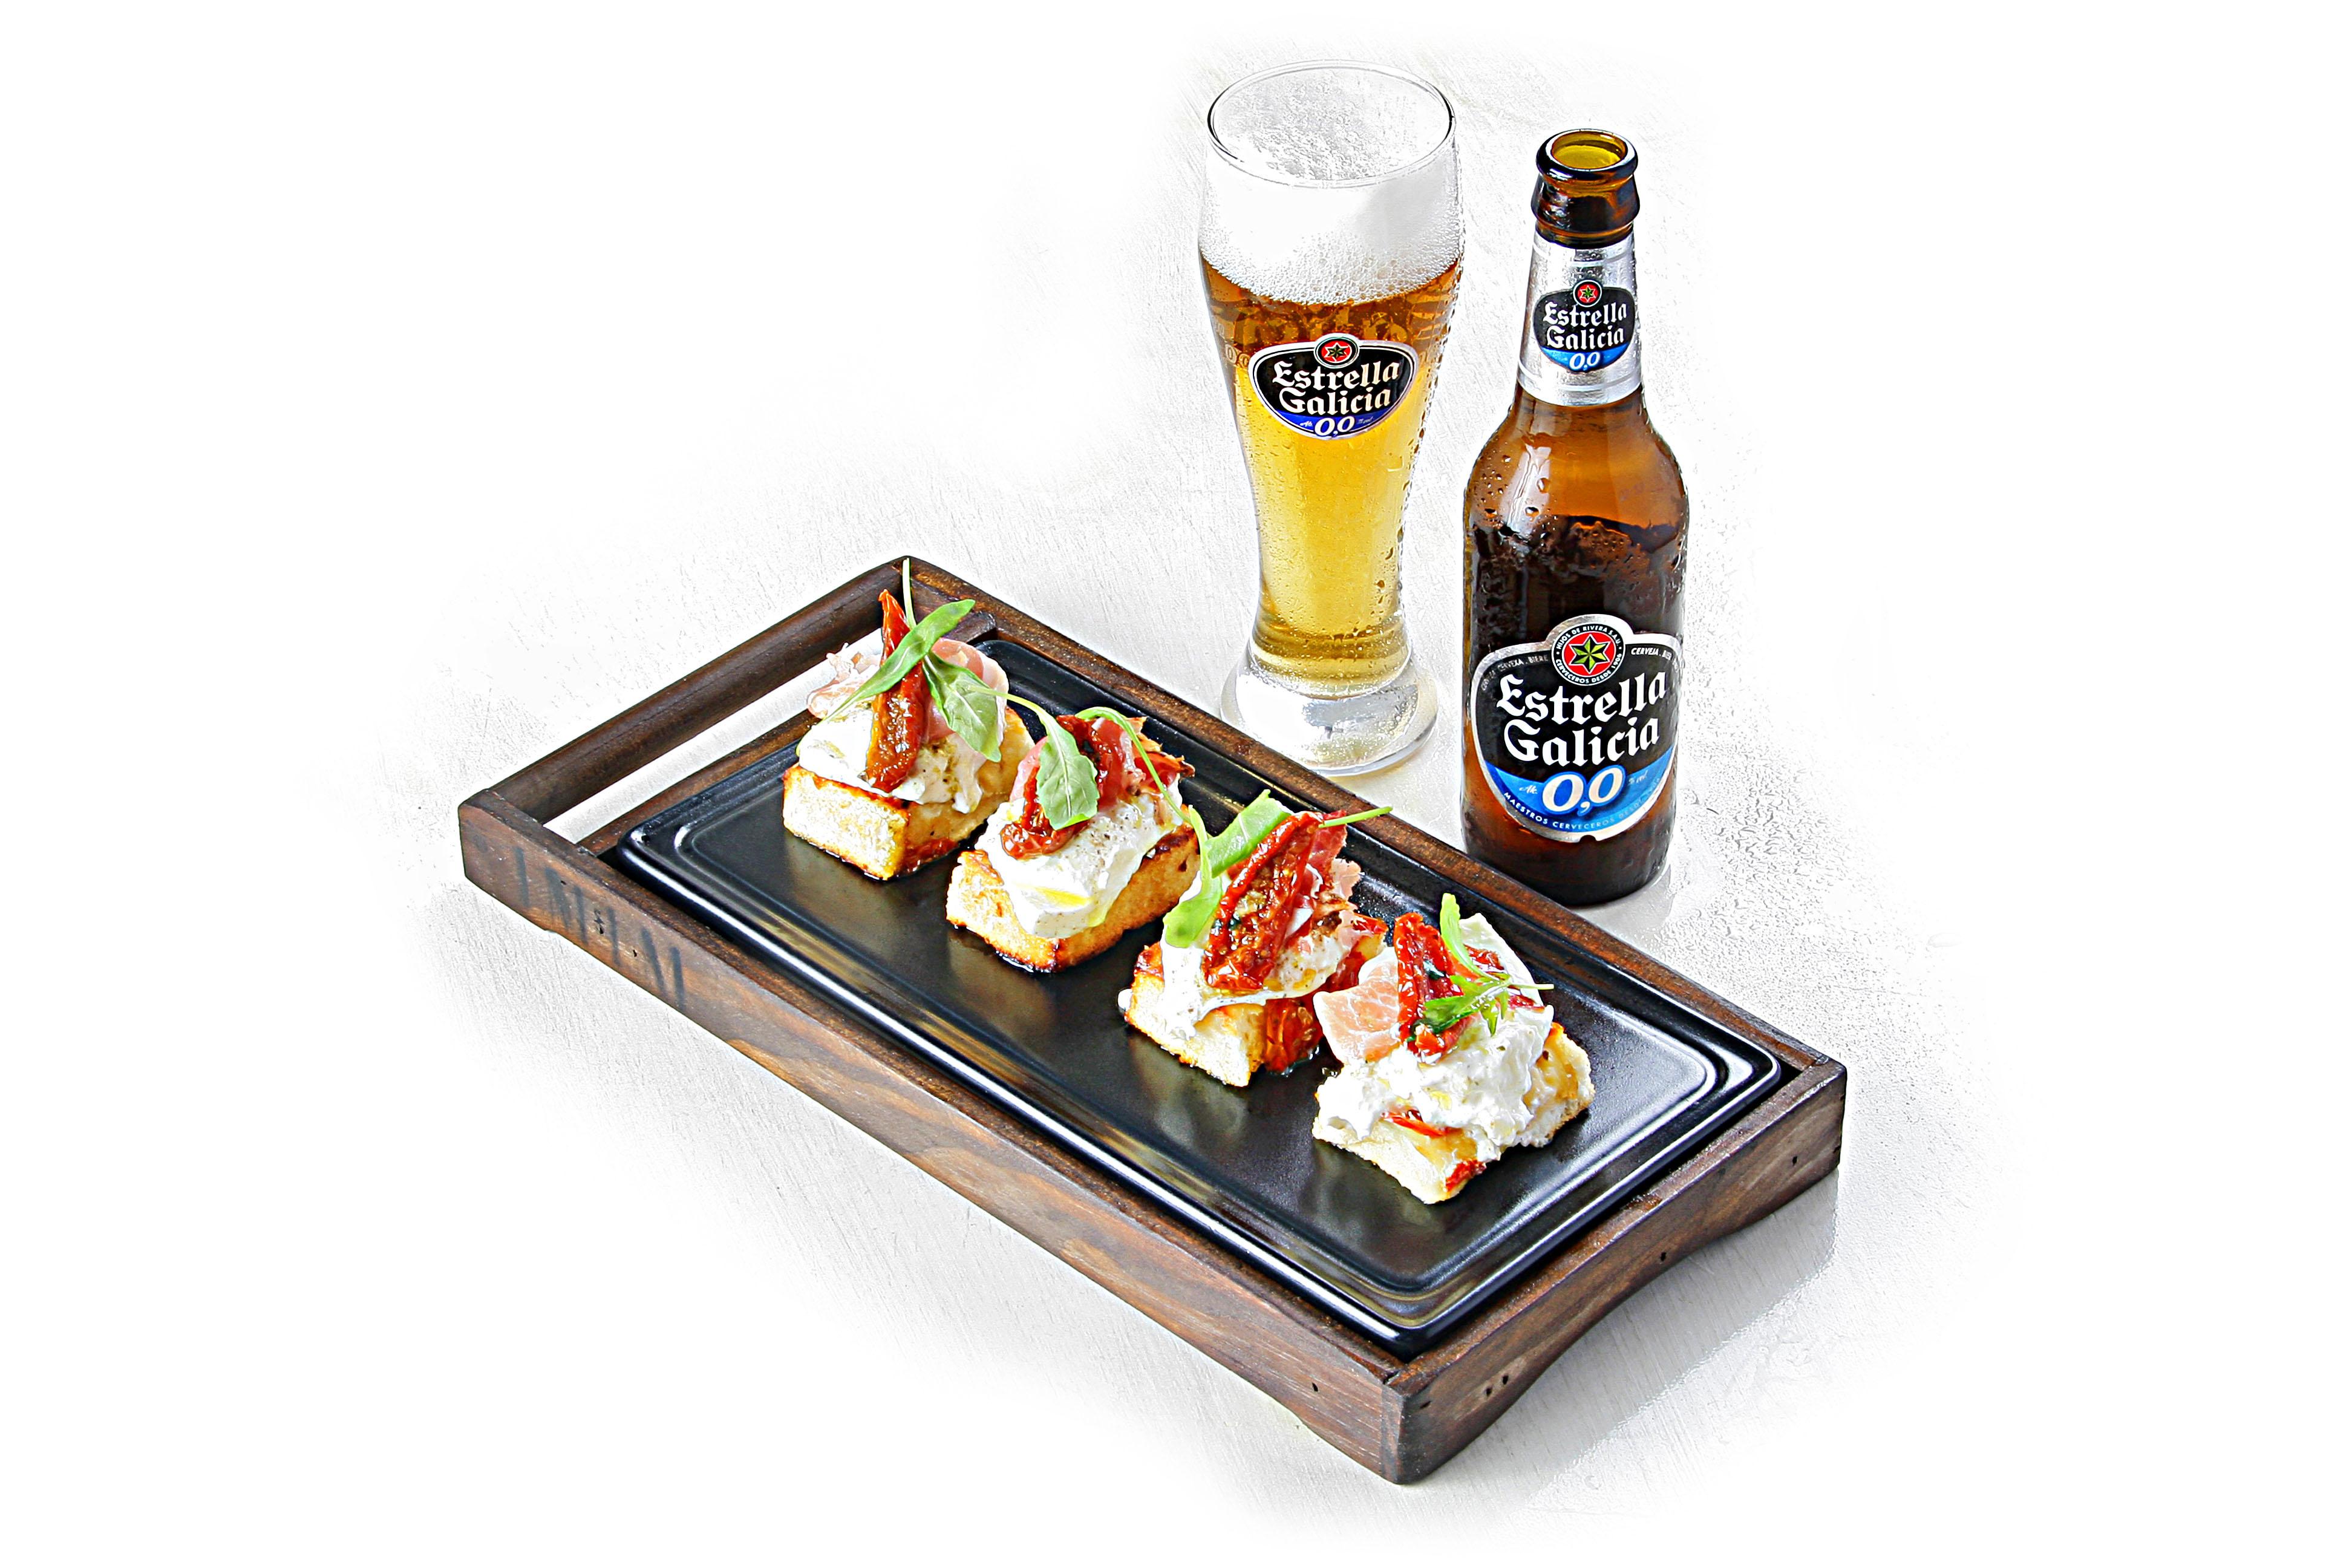 """Bruschetta y cerveza - La bruschetta, de """"plato pobre"""" a codiciado aperitivo"""